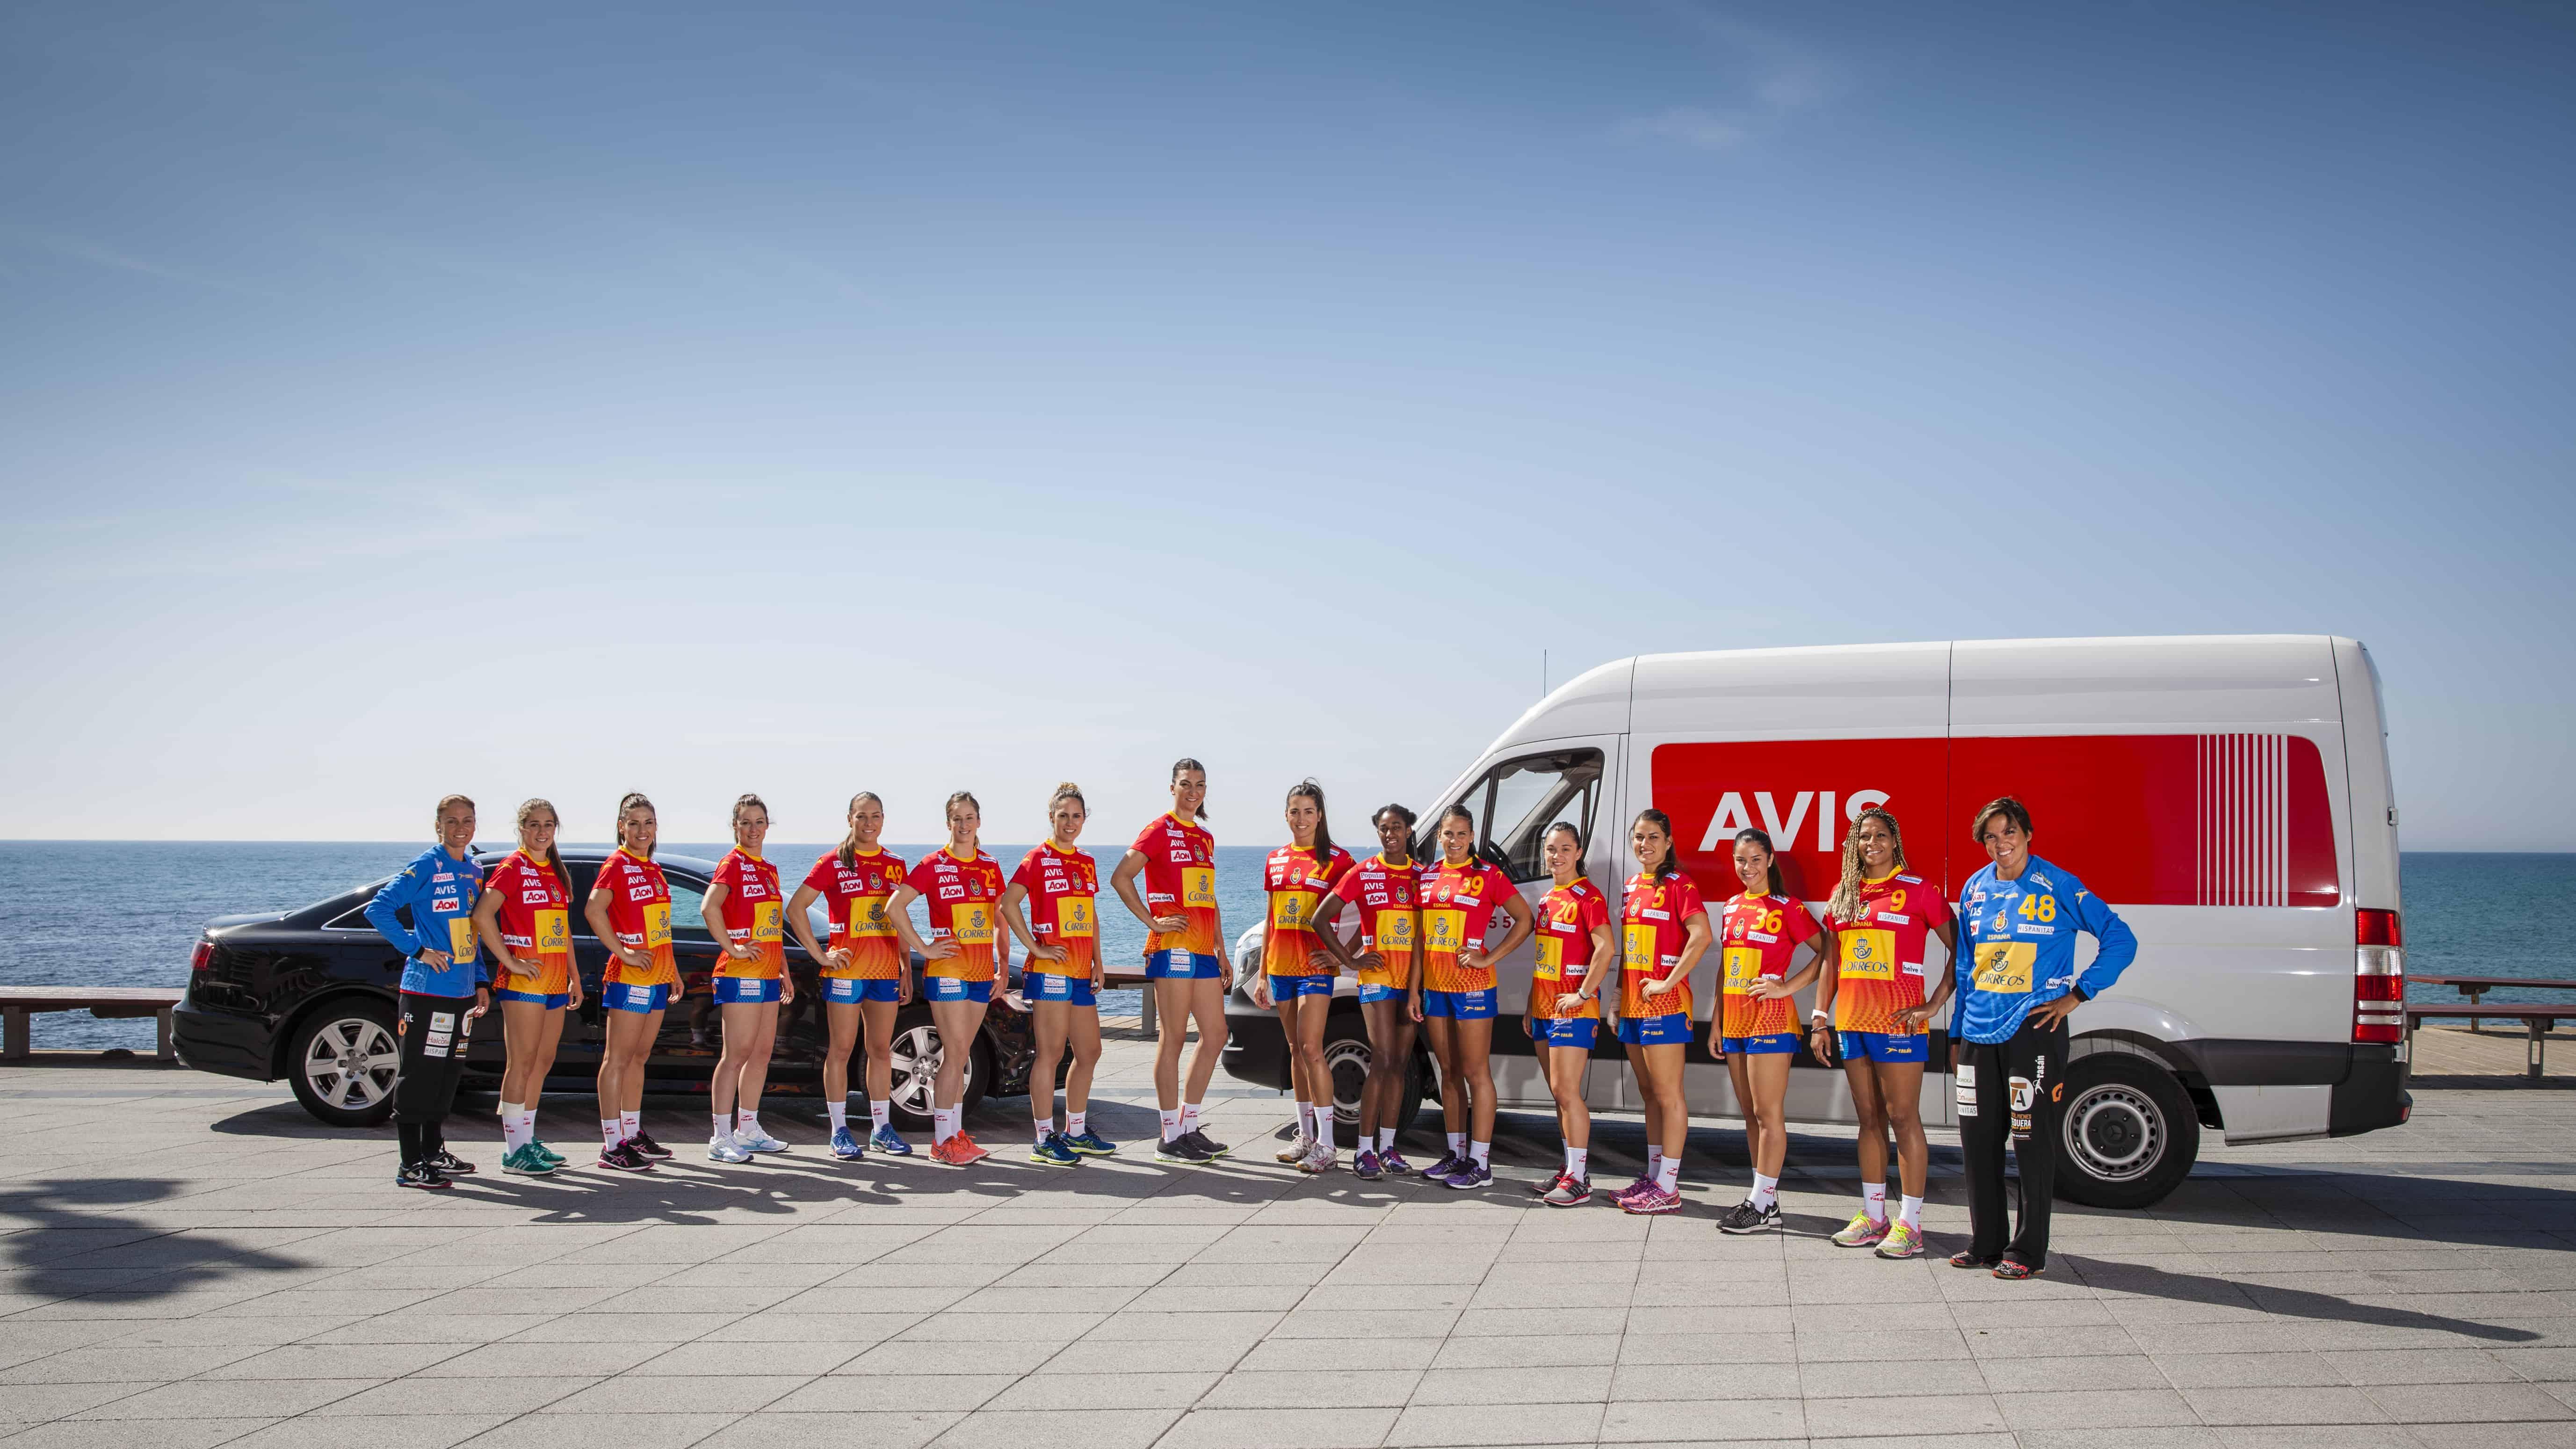 La productora audiovisual de Alicante Producciones GDP, realizó una producción de vídeo y fotografía para la empresa de alquiler de vehículos AVIS España.